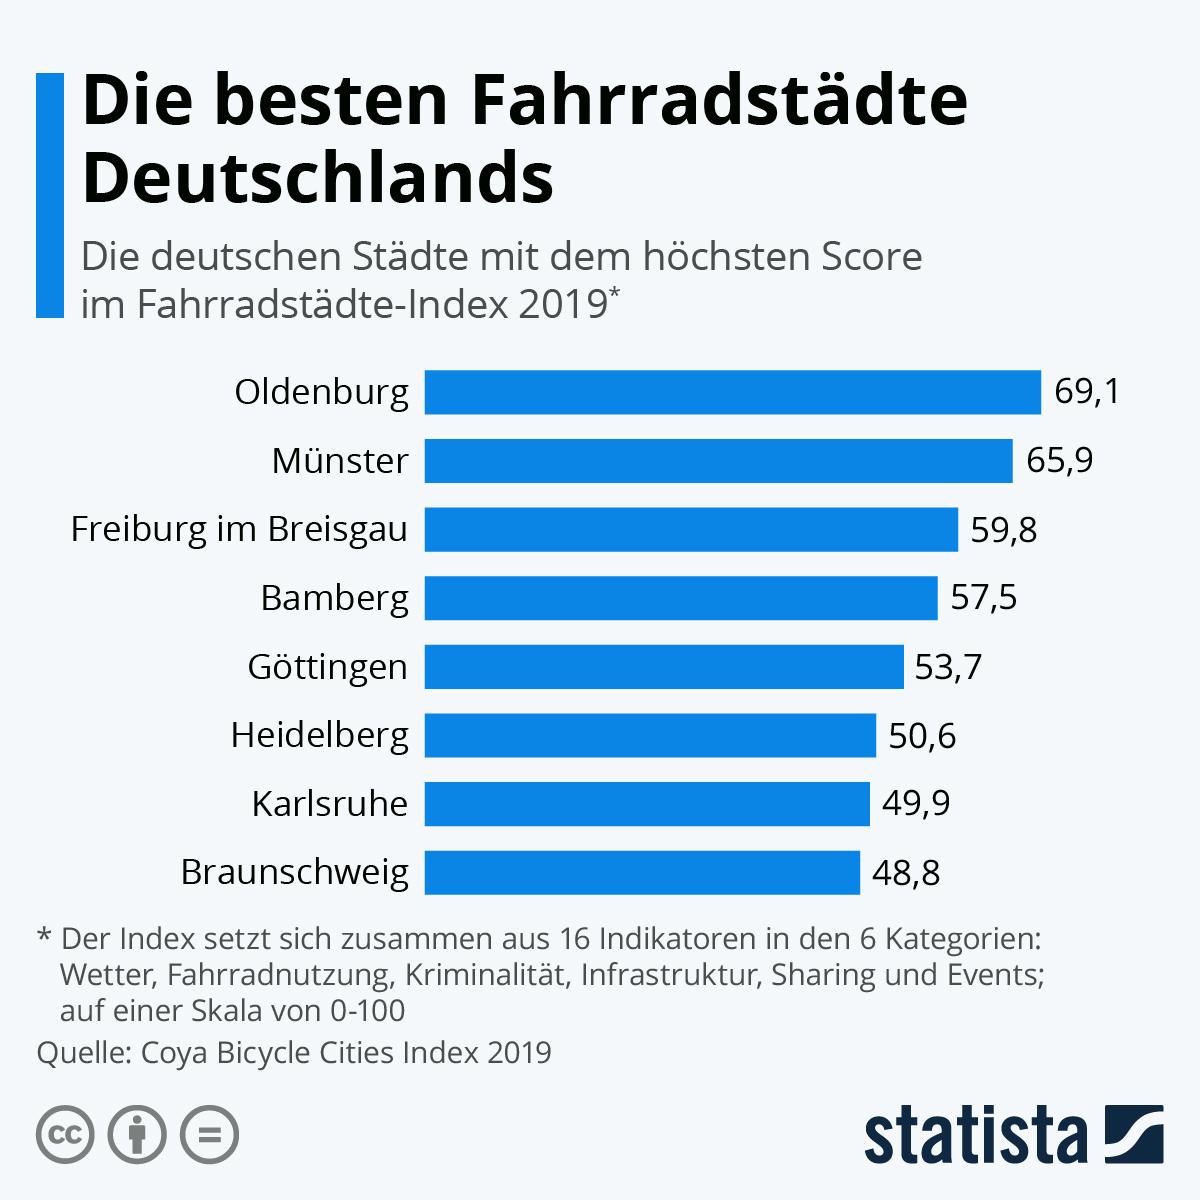 Die besten Fahrradstädte Deutschlands | Statista